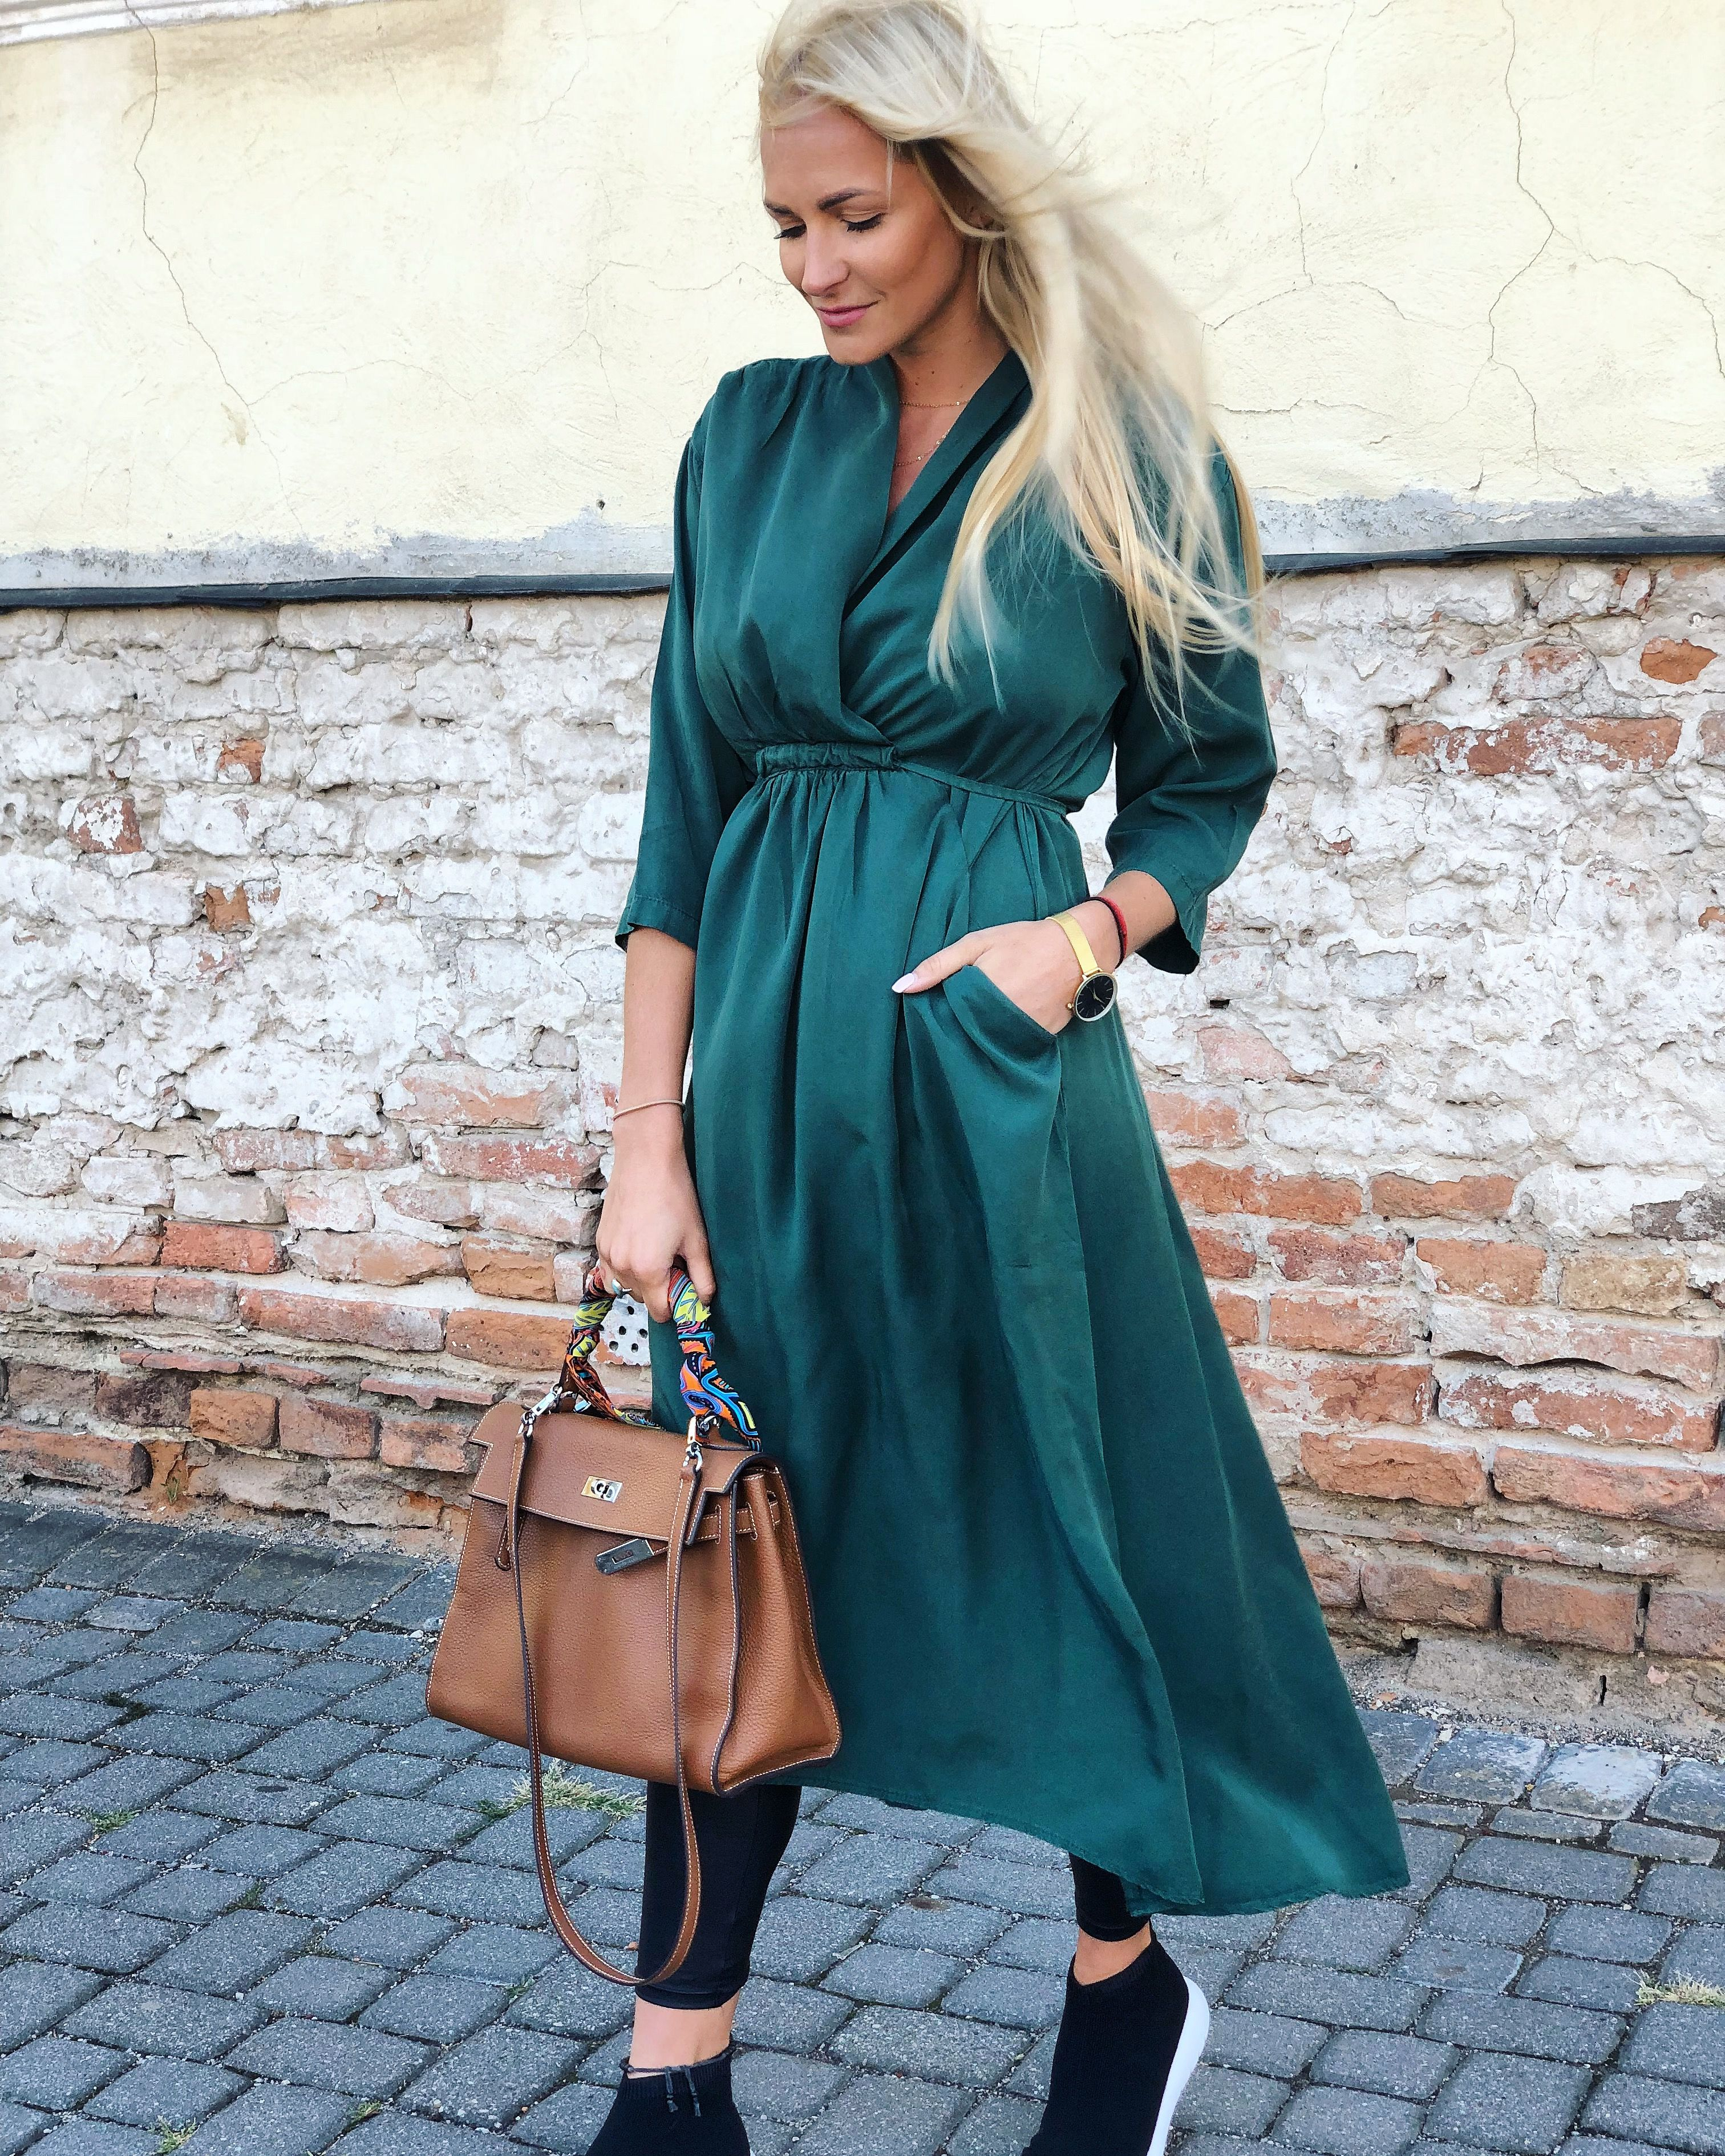 6e5826fc4 Dámske oblečenie, štýlové oblečenie, Dámska móda, | Veci na ...